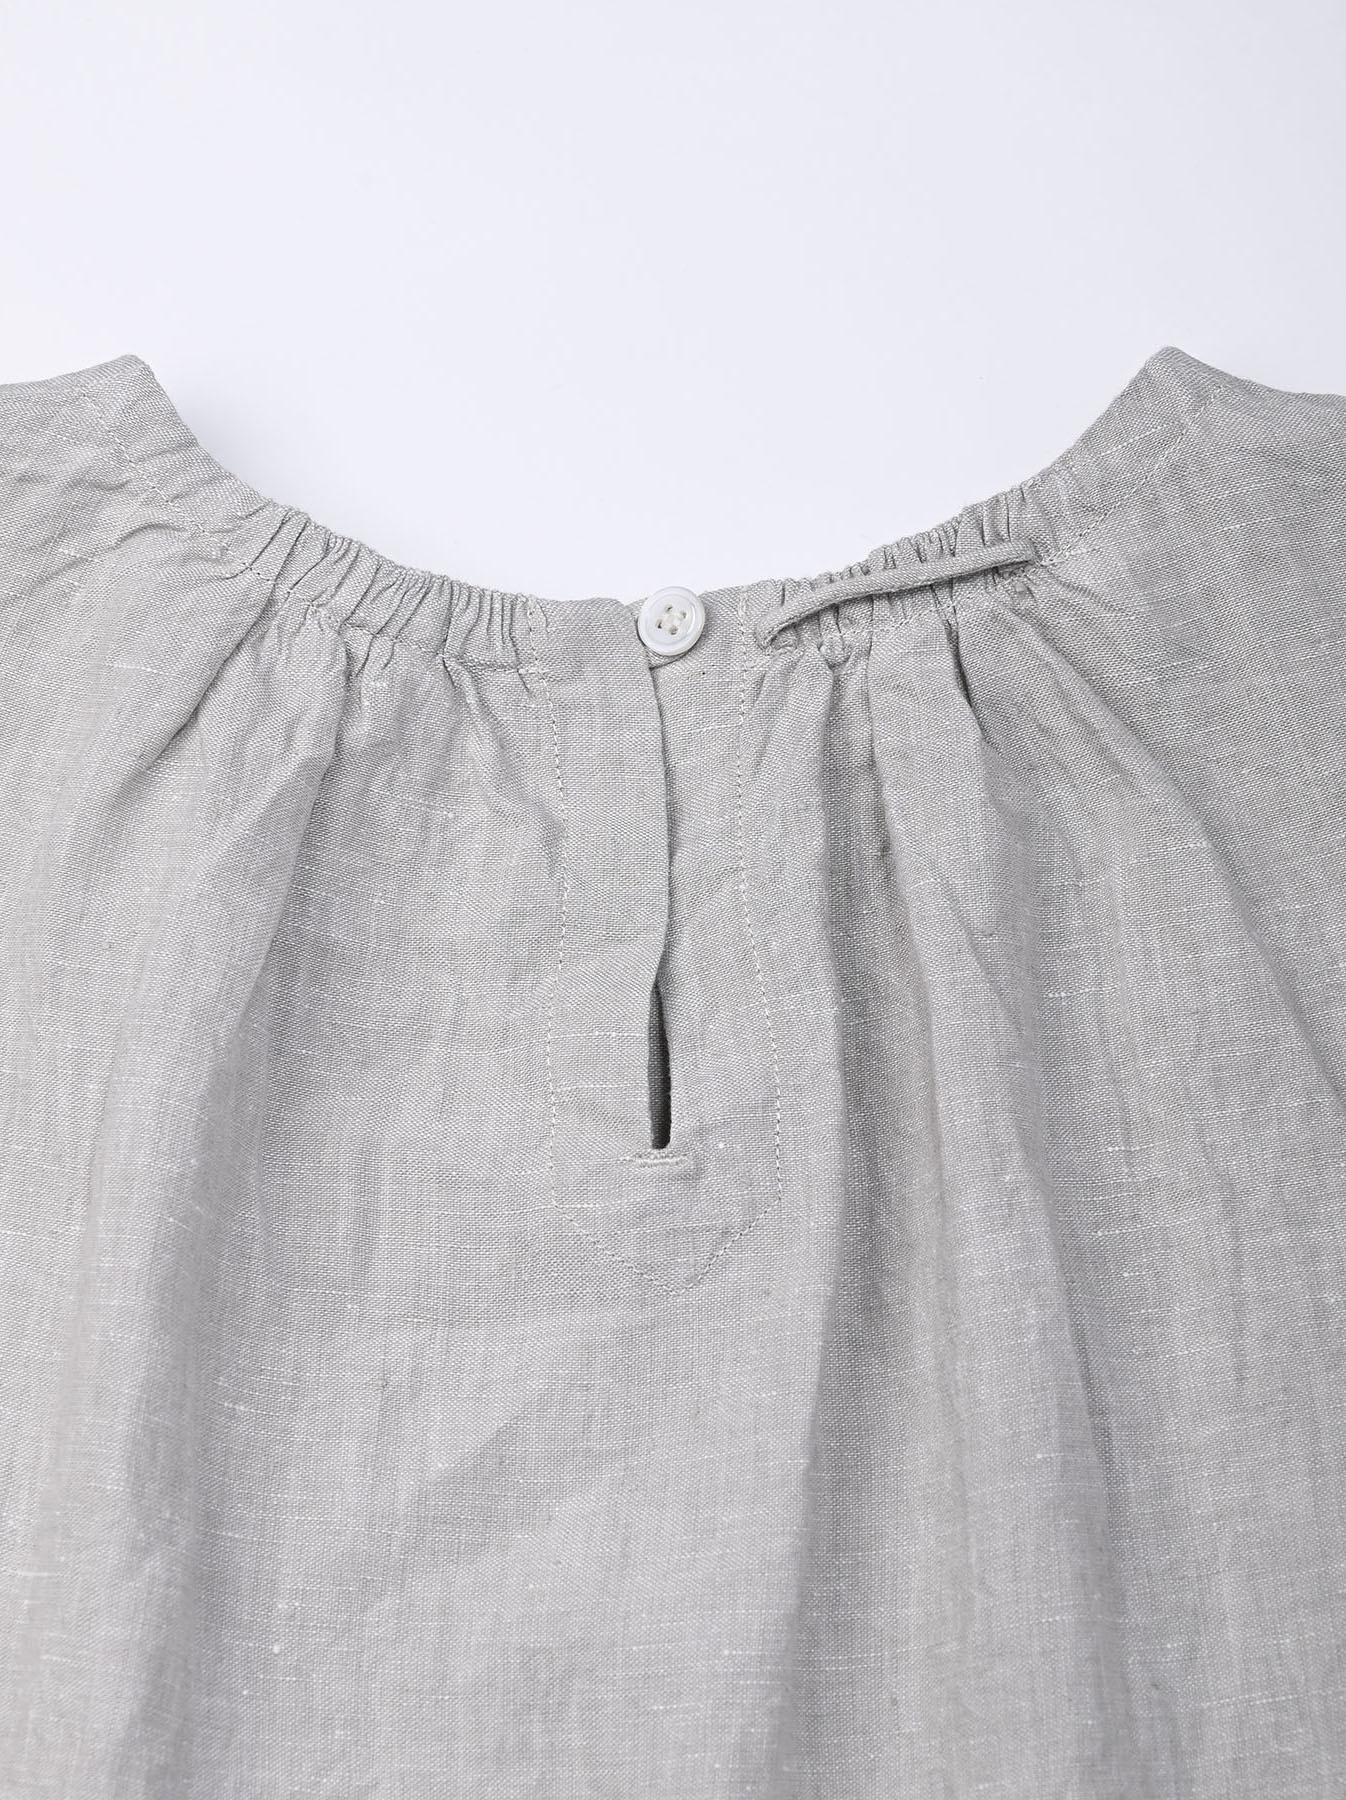 Indian Linen Dress (0521)-7